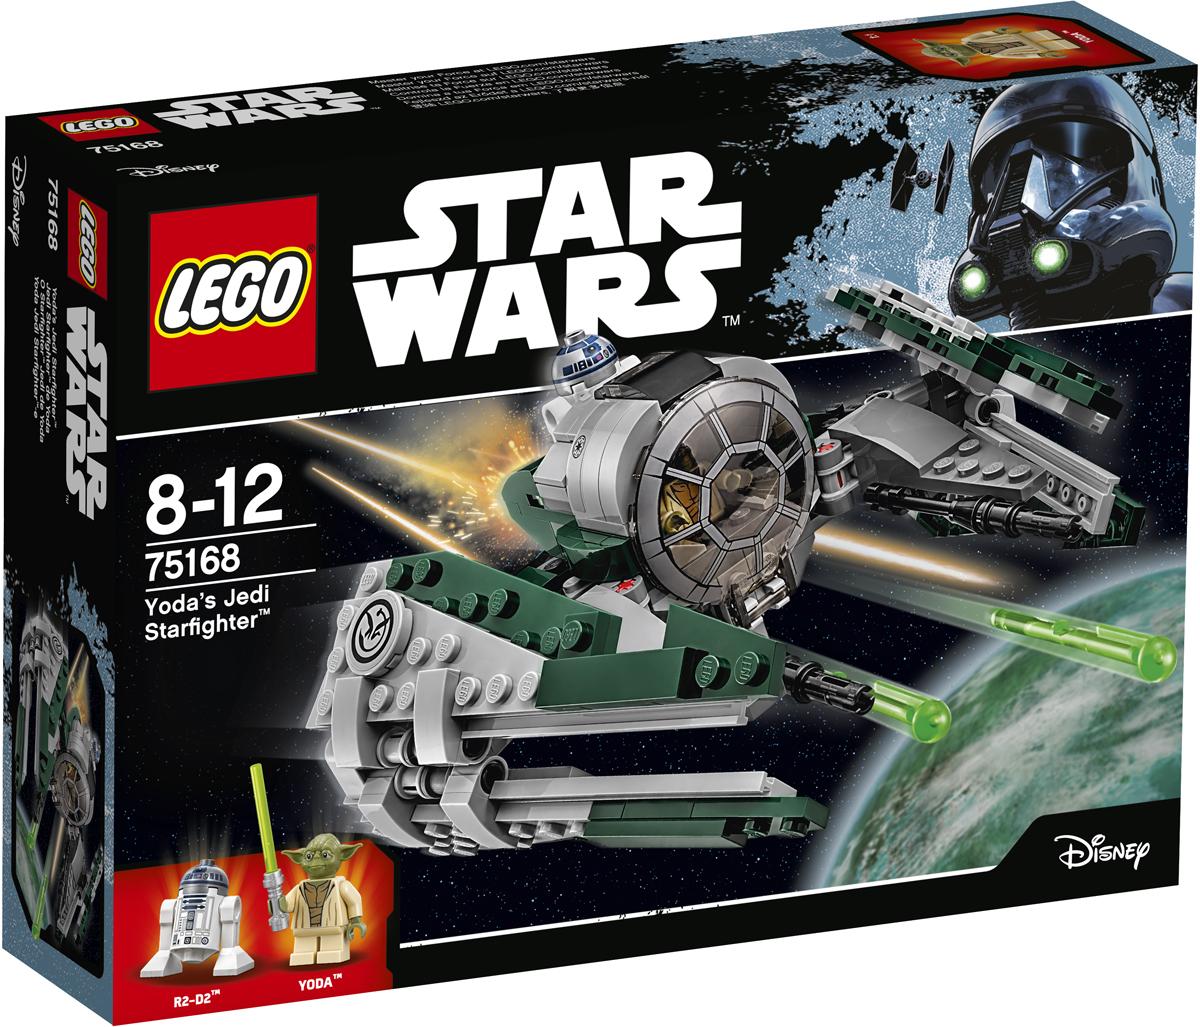 LEGO Star Wars Конструктор Звездный истребитель Йоды 7516875168Звёздный истребитель магистра ордена джедаев Йоды предназначен для путешествий на отдалённые планеты. Посадите Йоду в кабину звездолёта и поместите на борт R2-D2. Сложите крылья, зарядите оружие и будьте готов отправиться в полёт. Набор включает в себя 262 разноцветных пластиковых элементов и две минифигурки. Конструктор - это один из самых увлекательных и веселых способов времяпрепровождения. Ребенок сможет часами играть с конструктором, придумывая различные ситуации и истории.